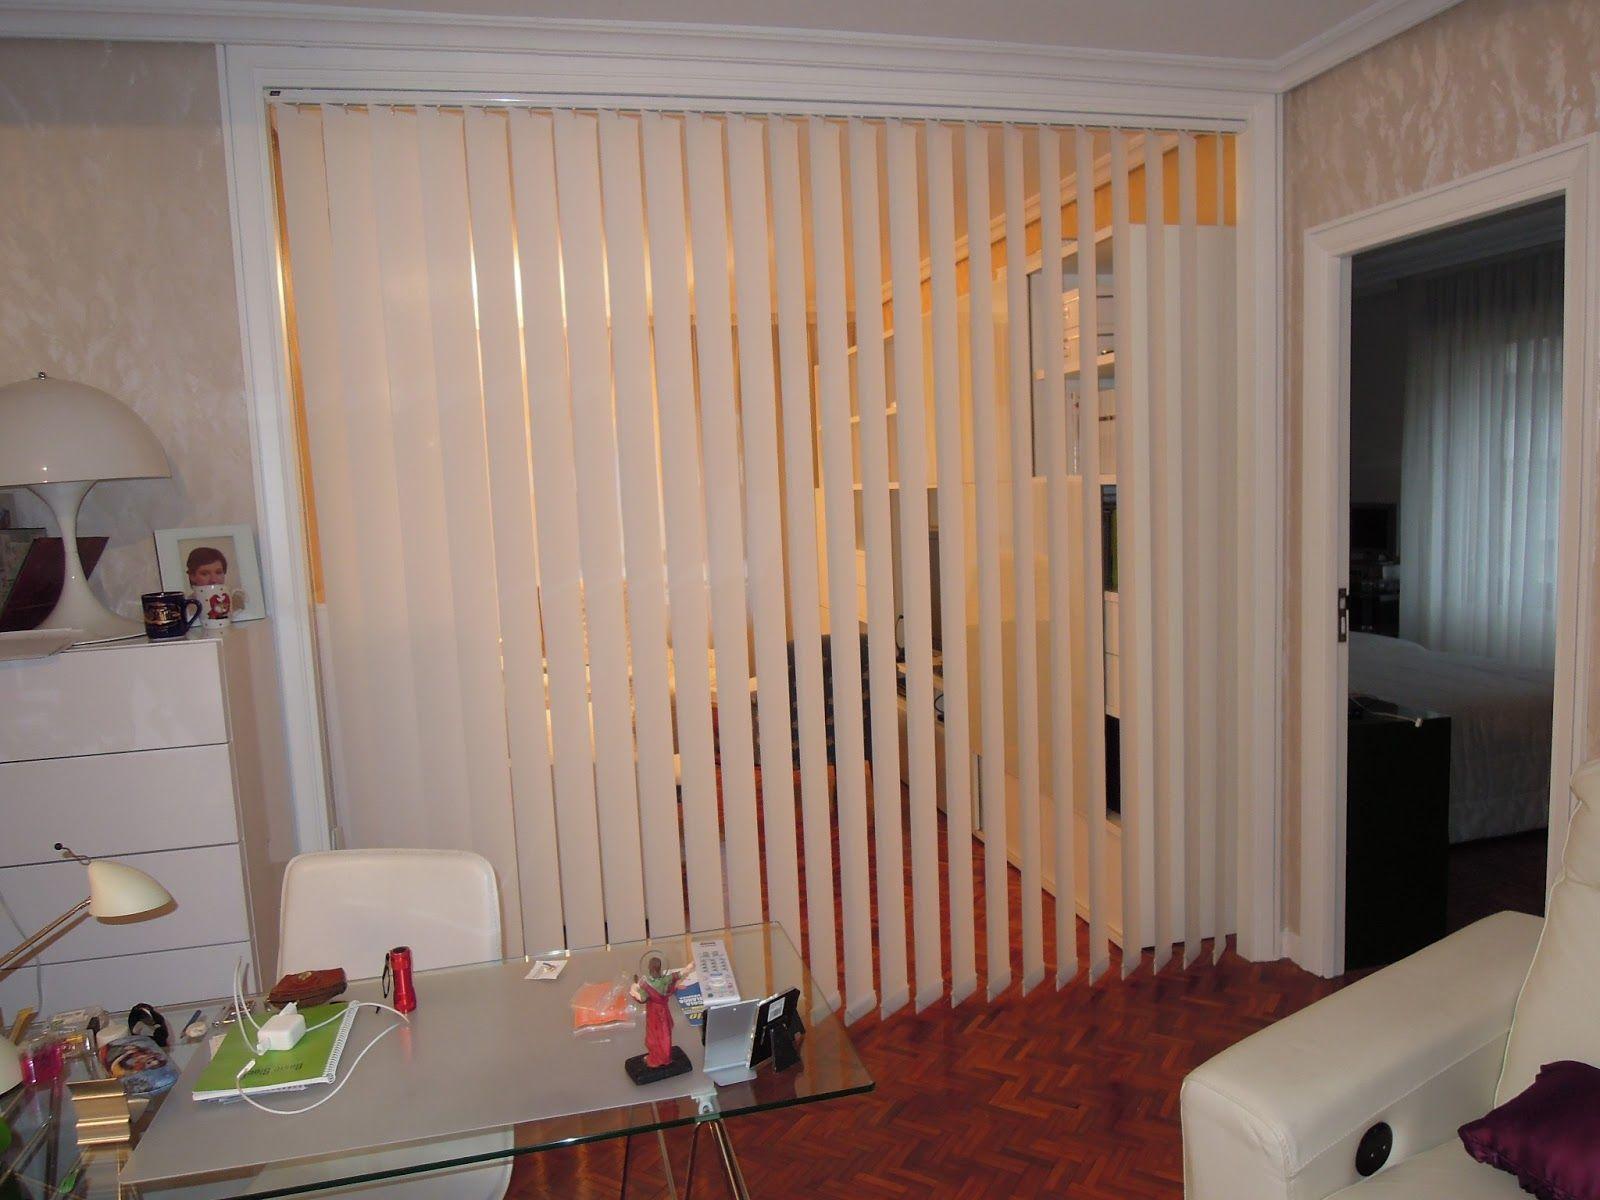 cortinas para separar espacios  Buscar con Google